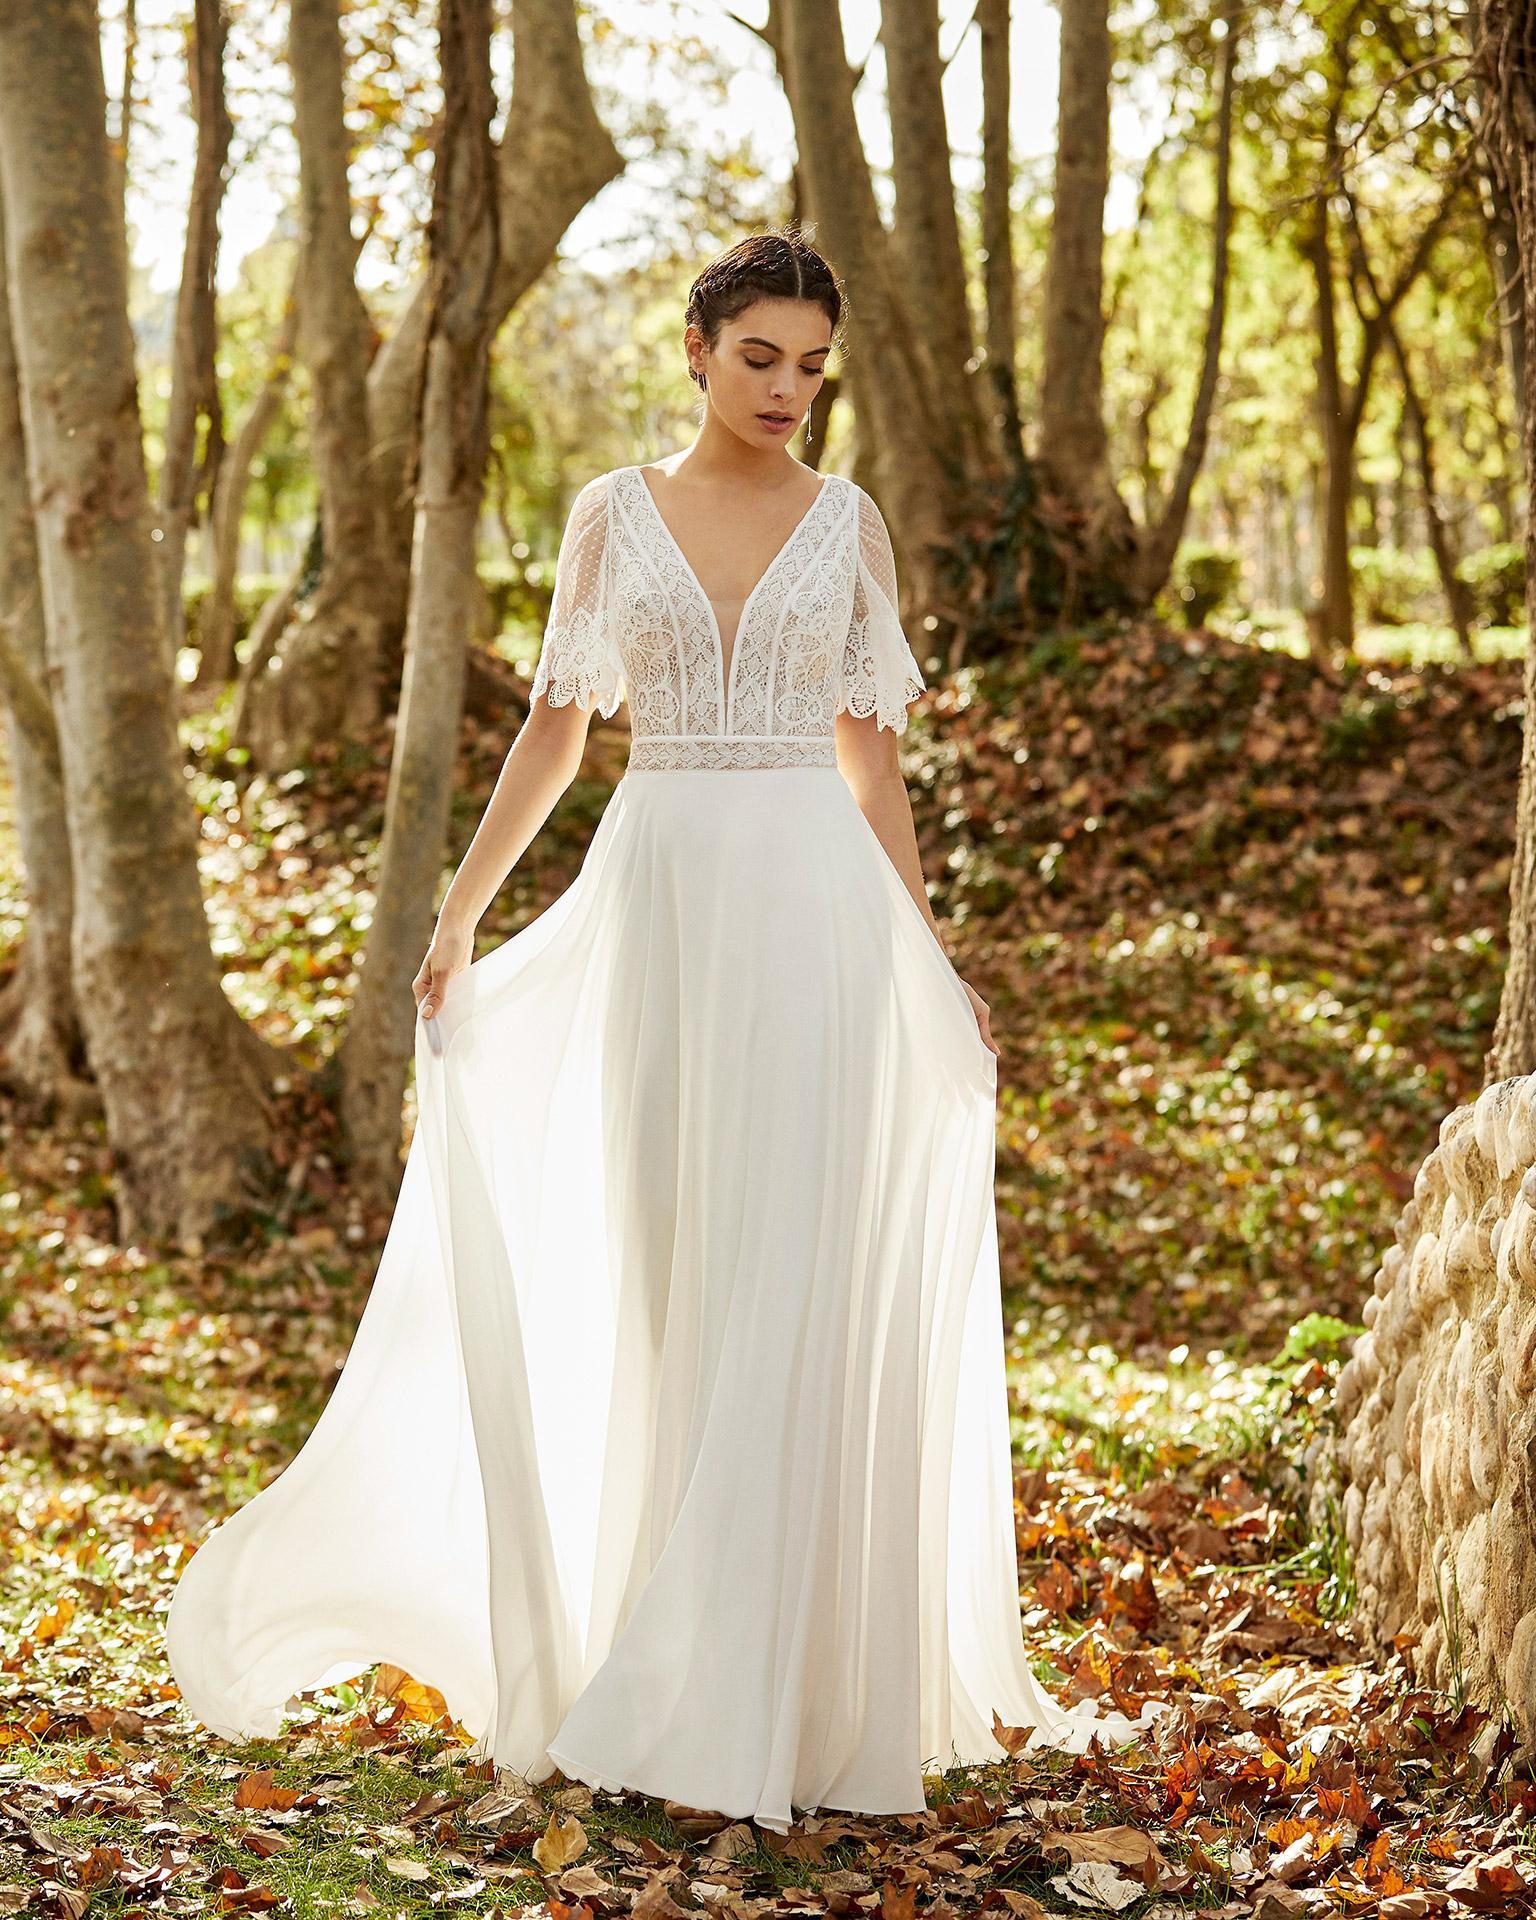 Vestido de novia estilo boho de gasa y encaje con escote deep-plunge y espalda en V con manga corta. Colección ALMANOVIA 2020.